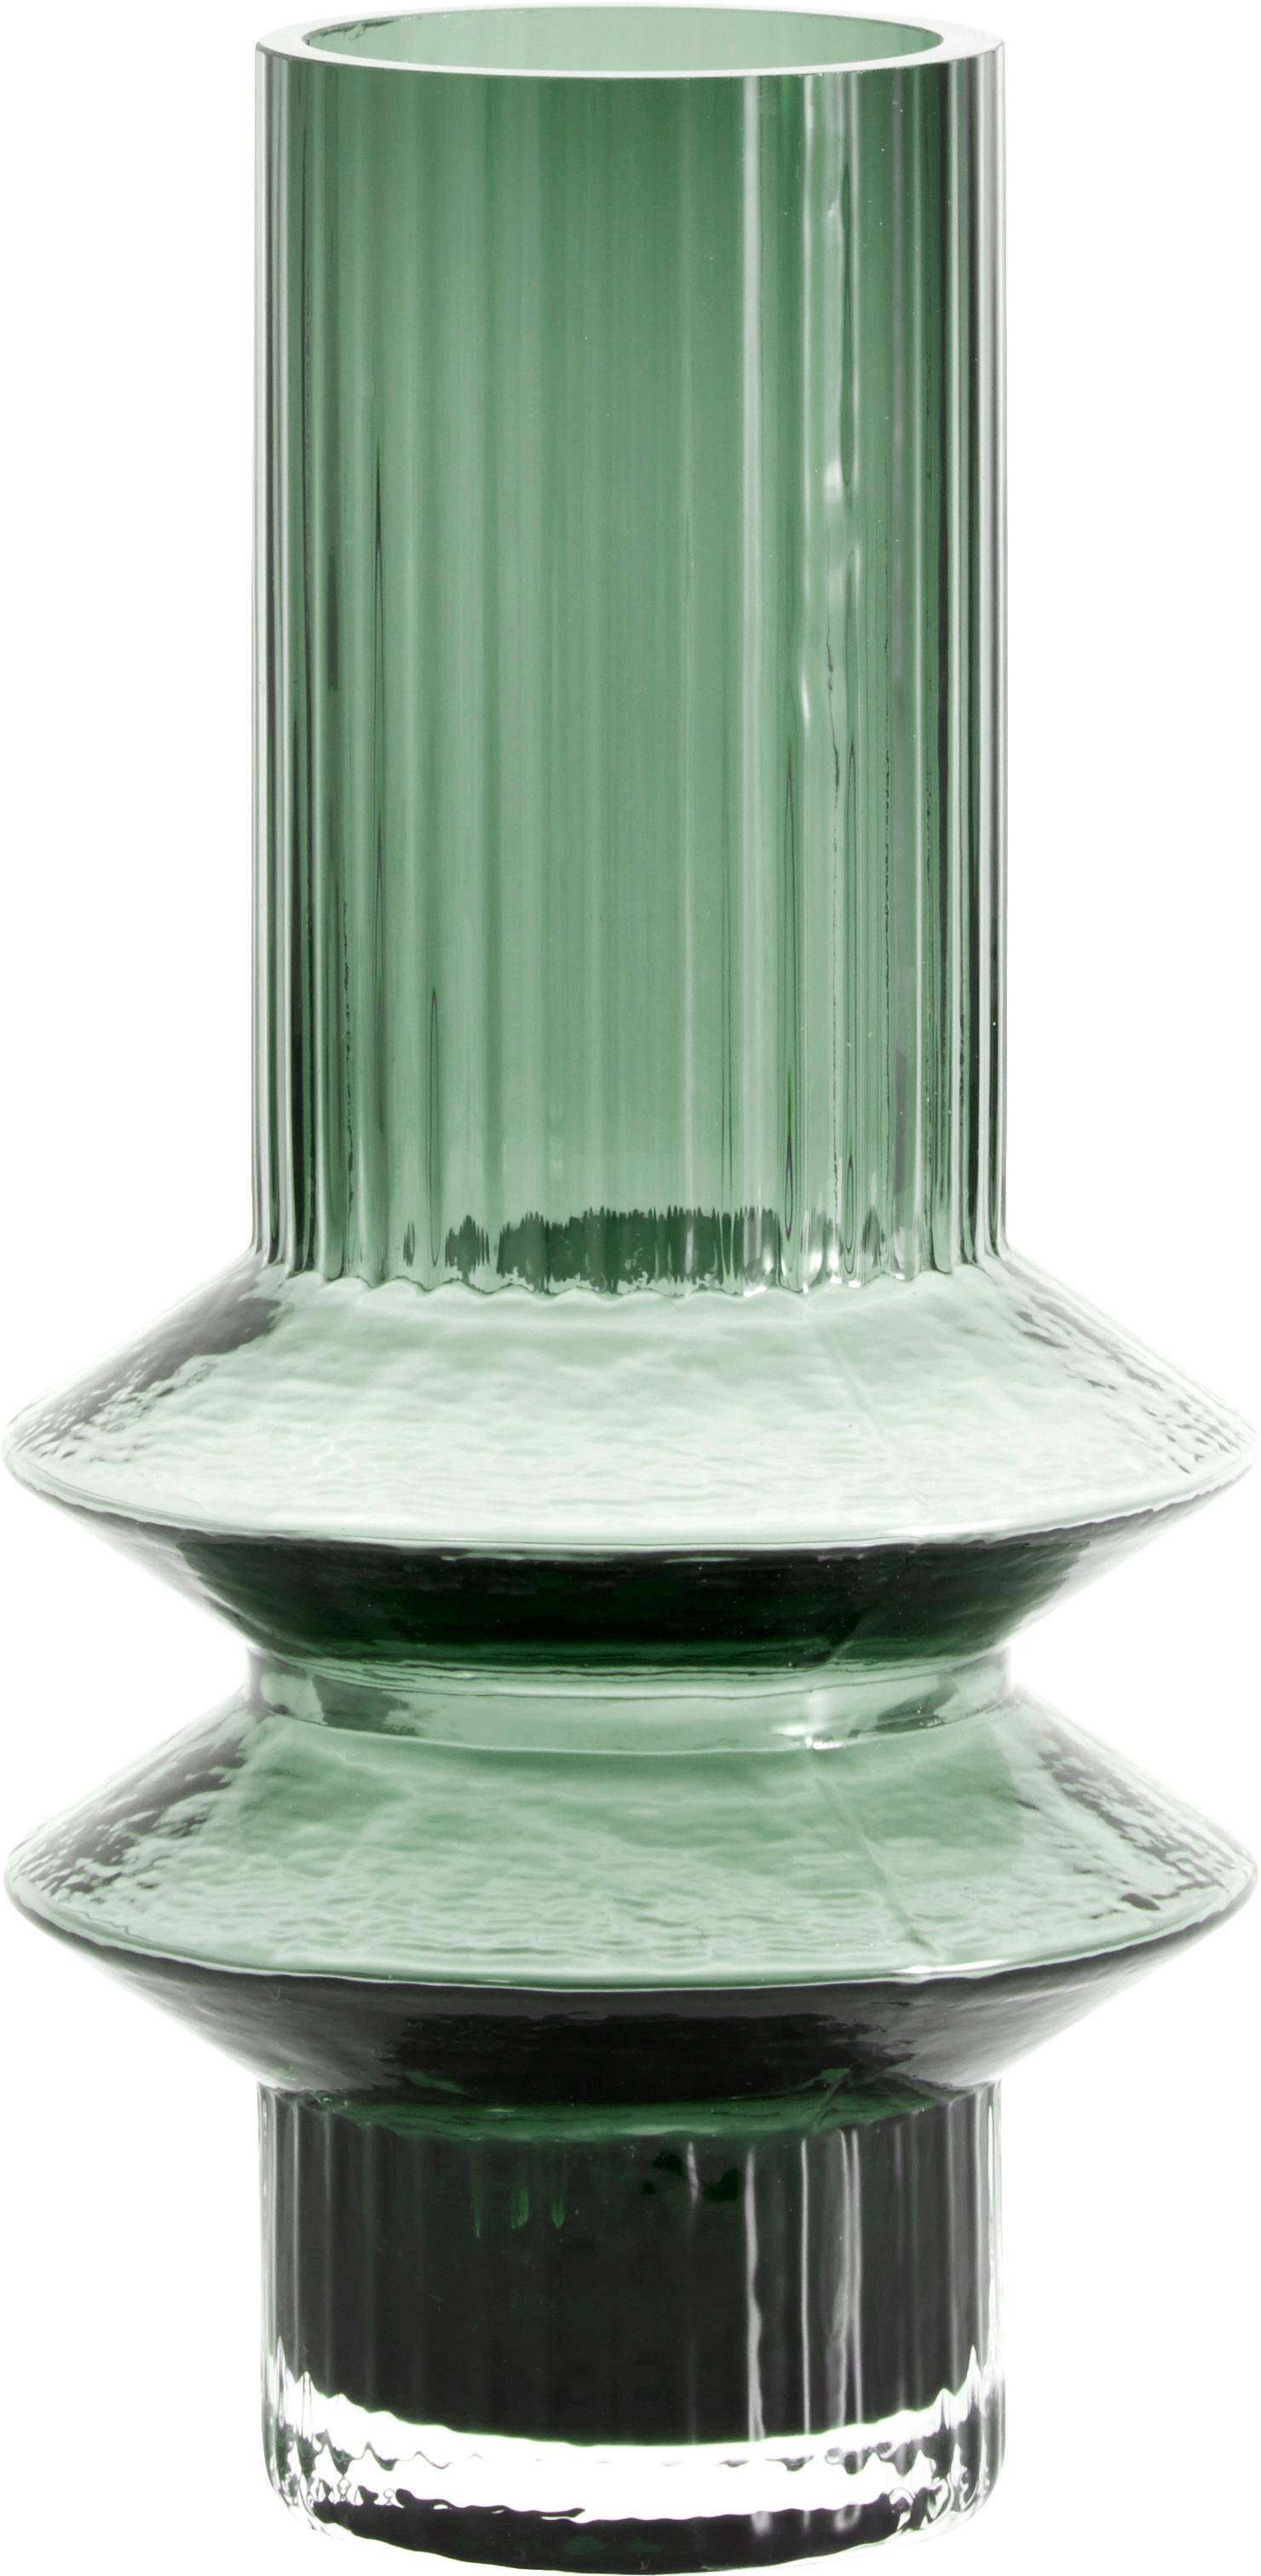 Vaso in vetro Rilla, Vetro, Verde, Ø 10 x Alt. 21 cm